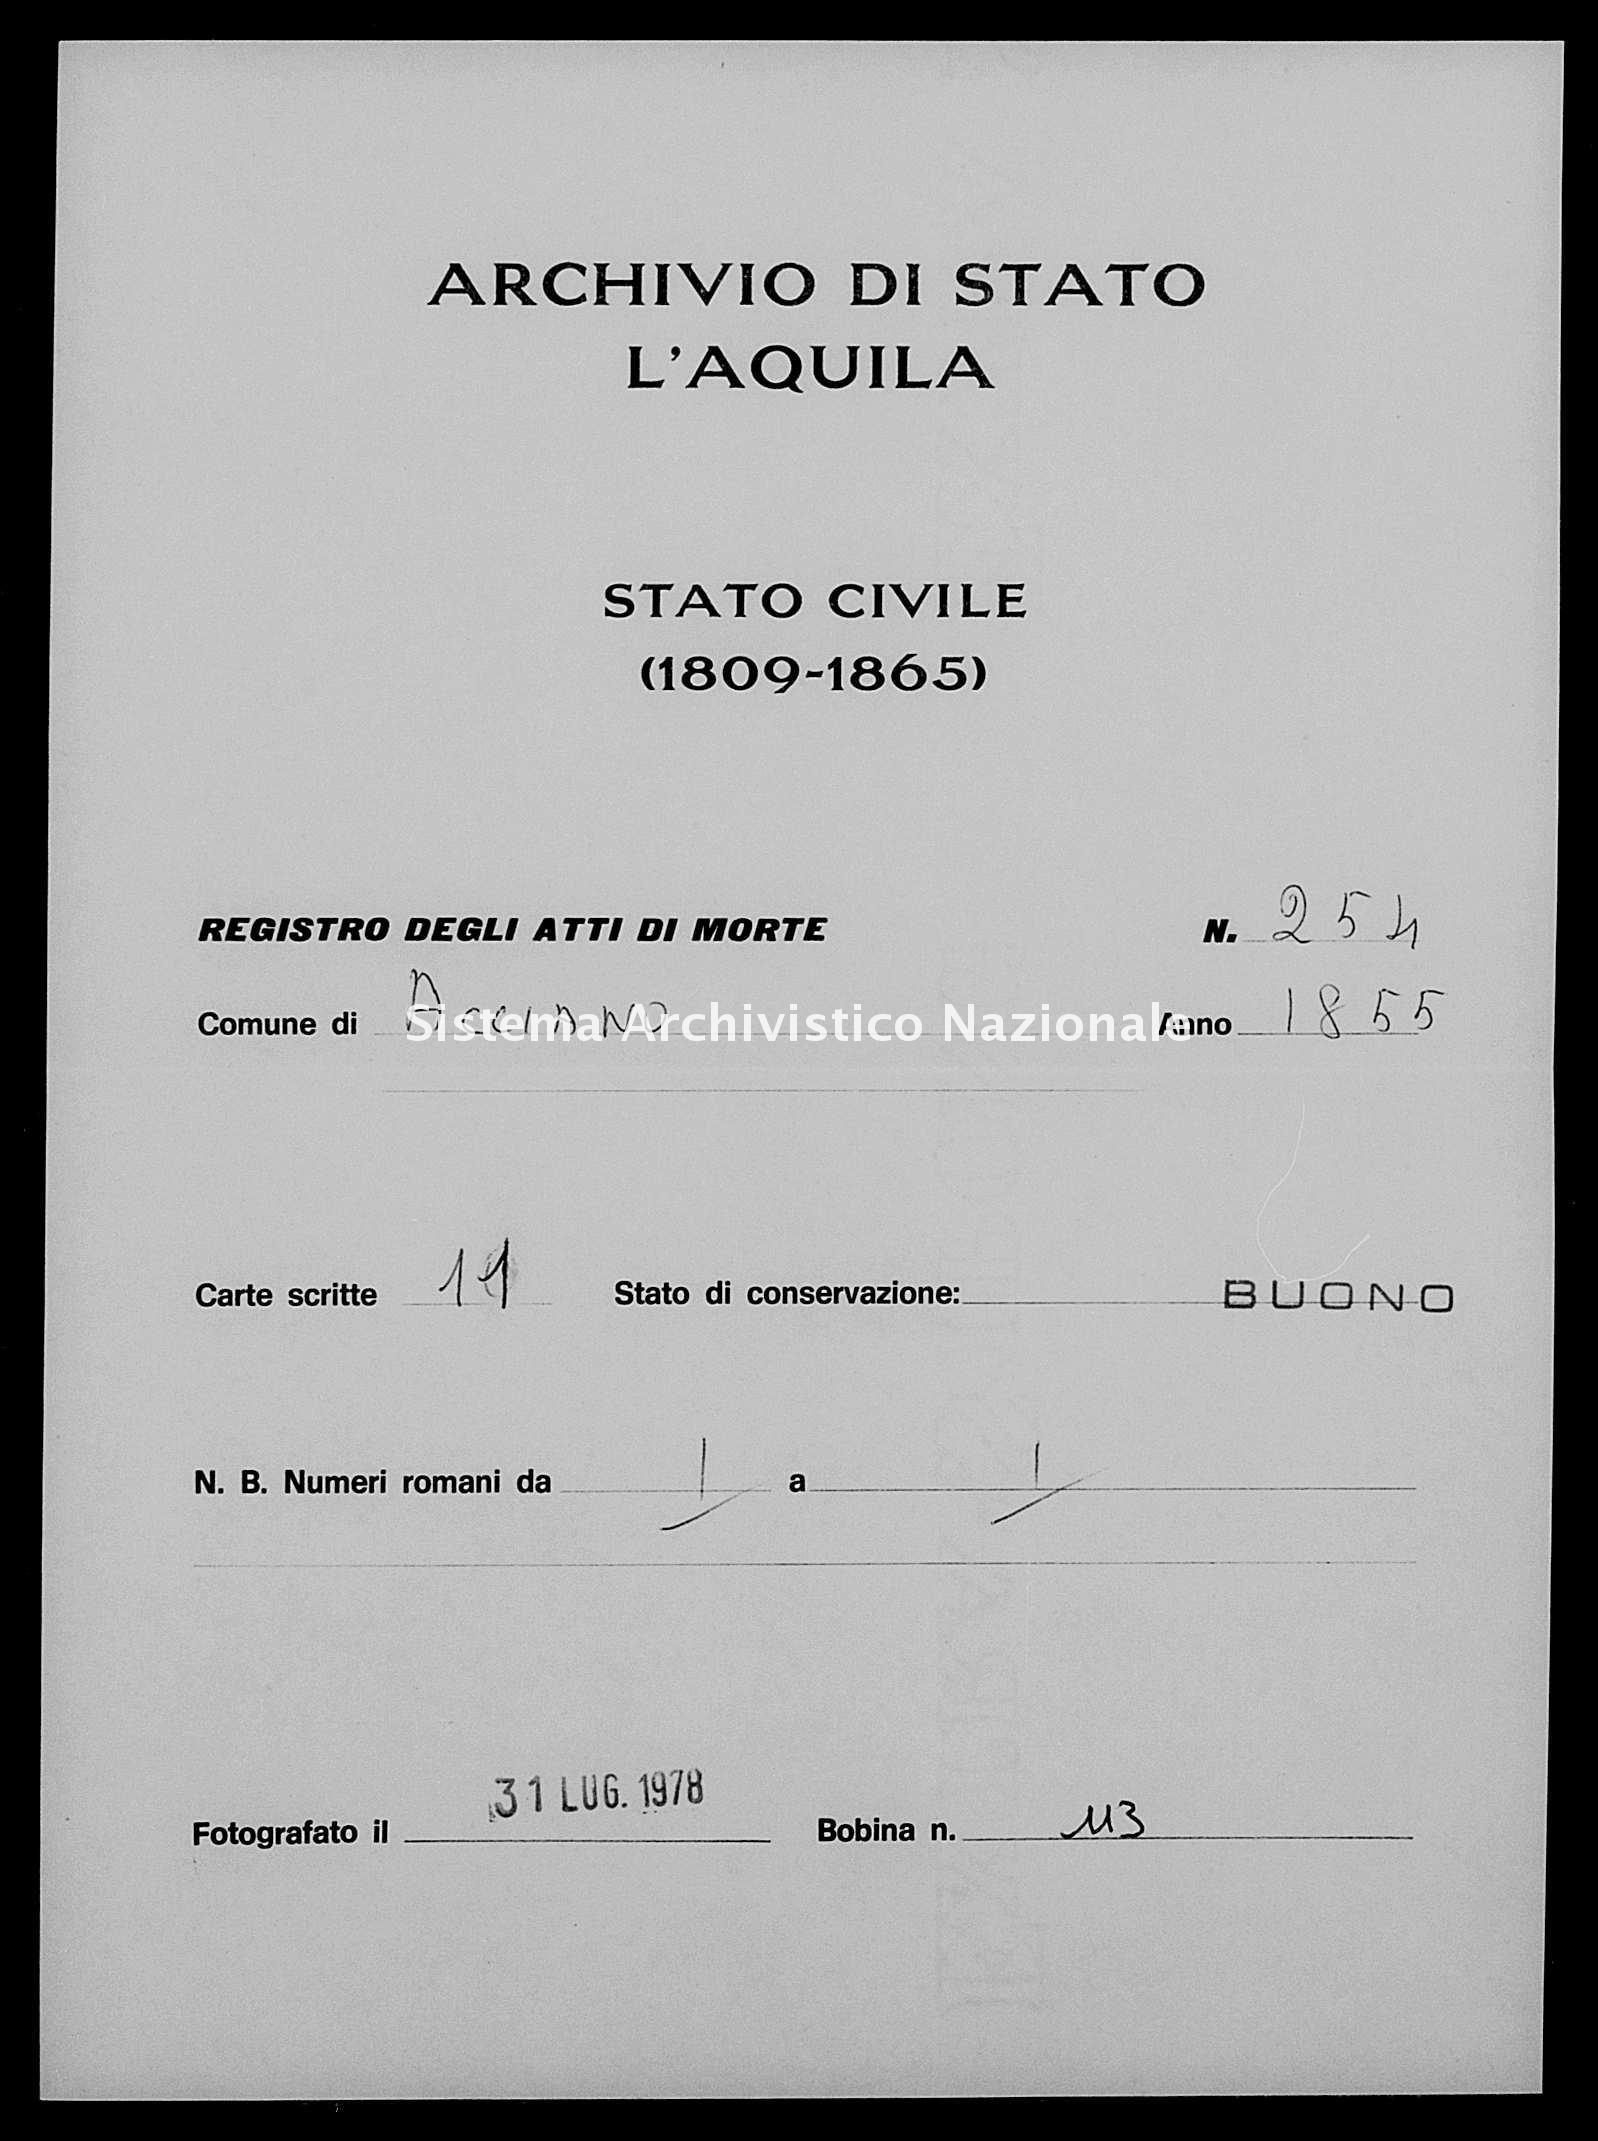 Archivio di stato di L'aquila - Stato civile della restaurazione - Acciano - Morti - 1855 - 254 -